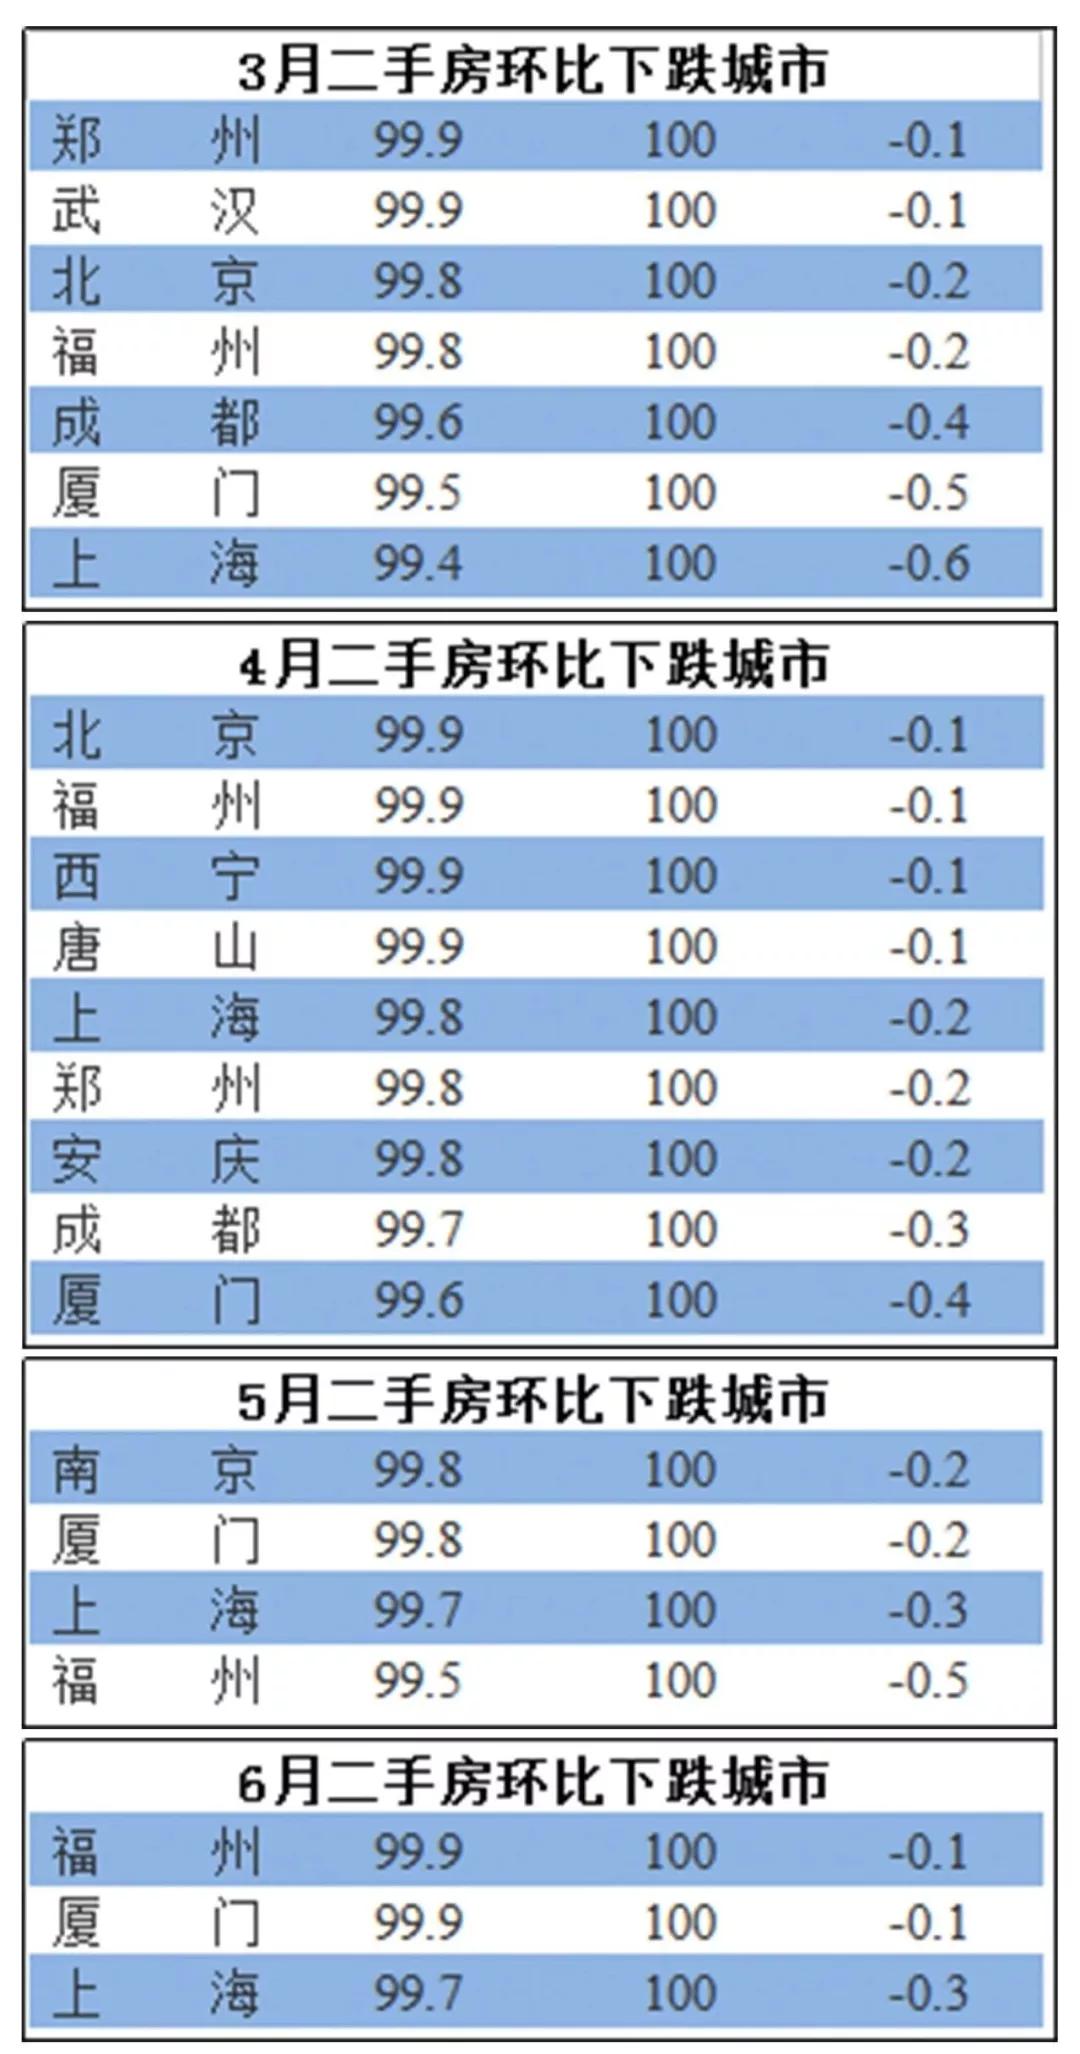 楼市调控不断多地房价下跌 买房机会来了?-中国网地产